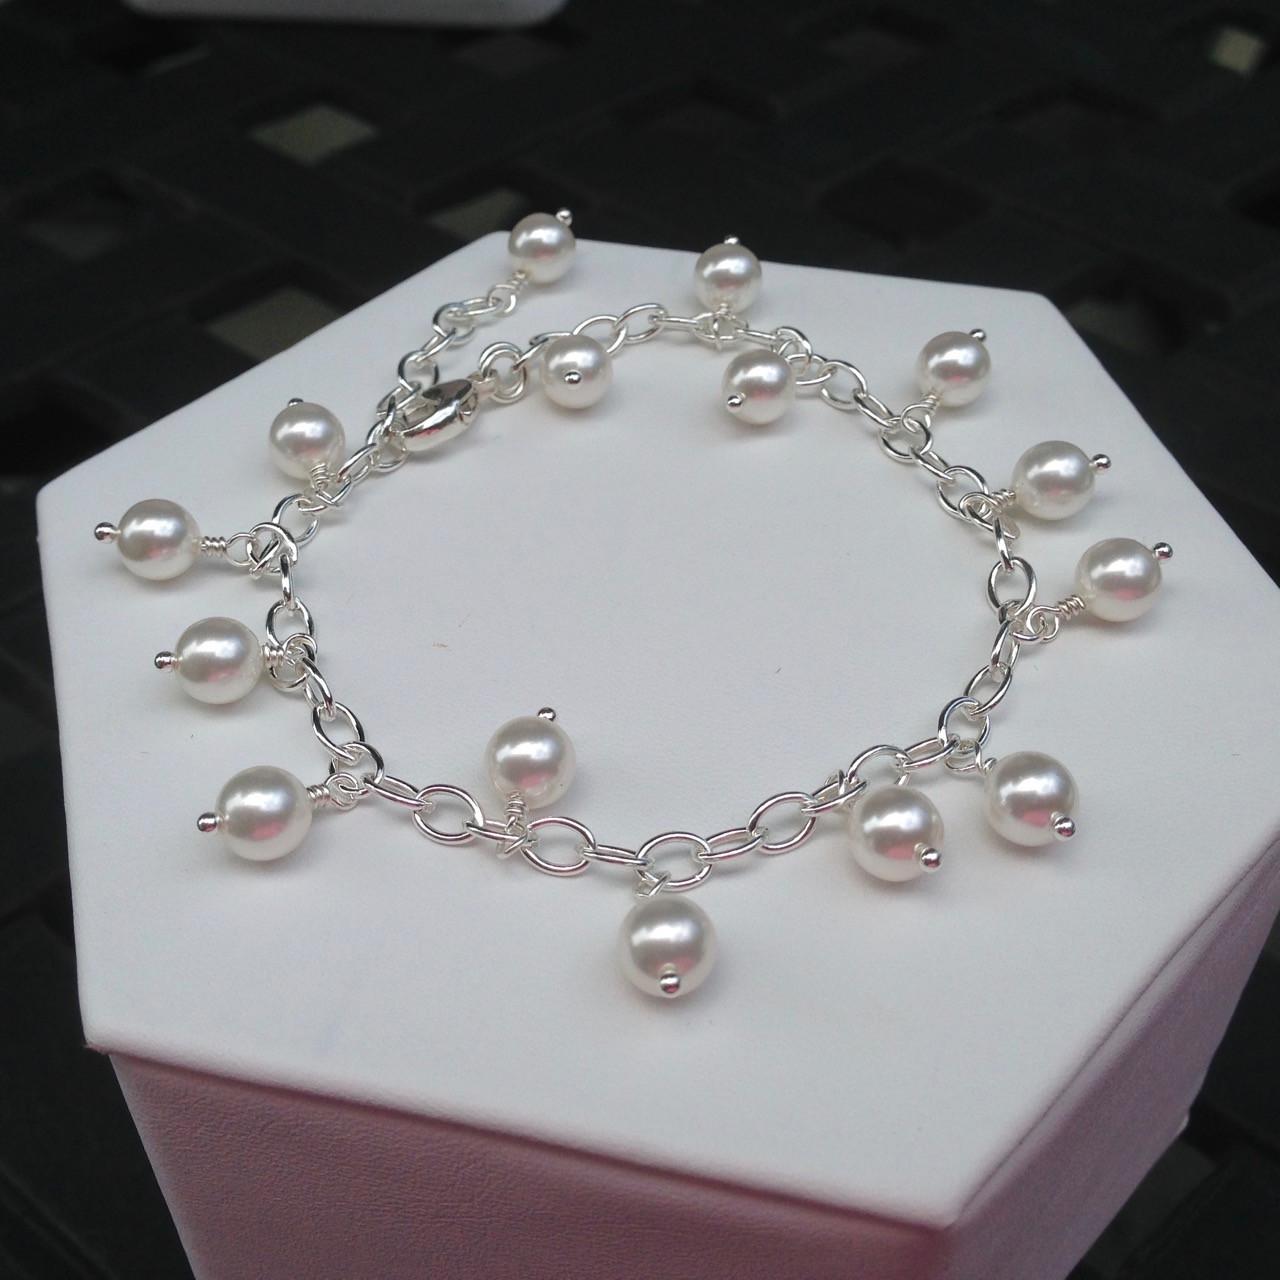 8218881fc0d80 Dangling Swarovski pearl bracelet